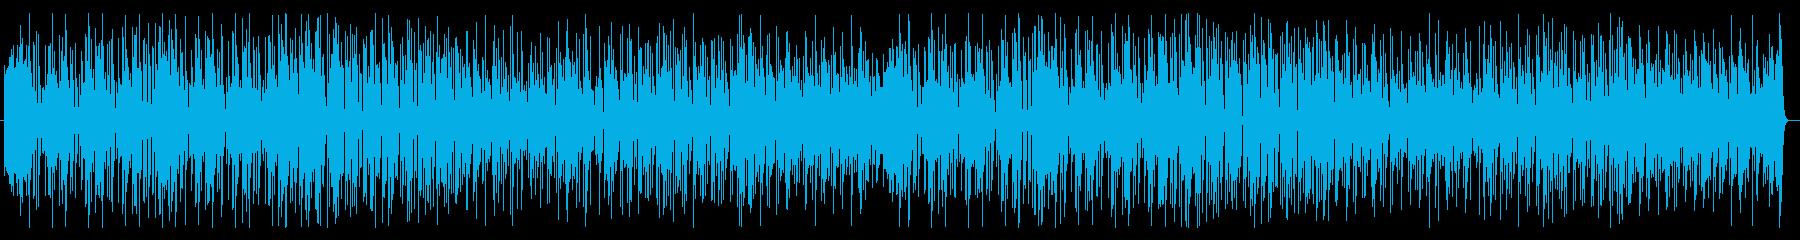 迫る時間制限に焦るポップで不思議なBGMの再生済みの波形